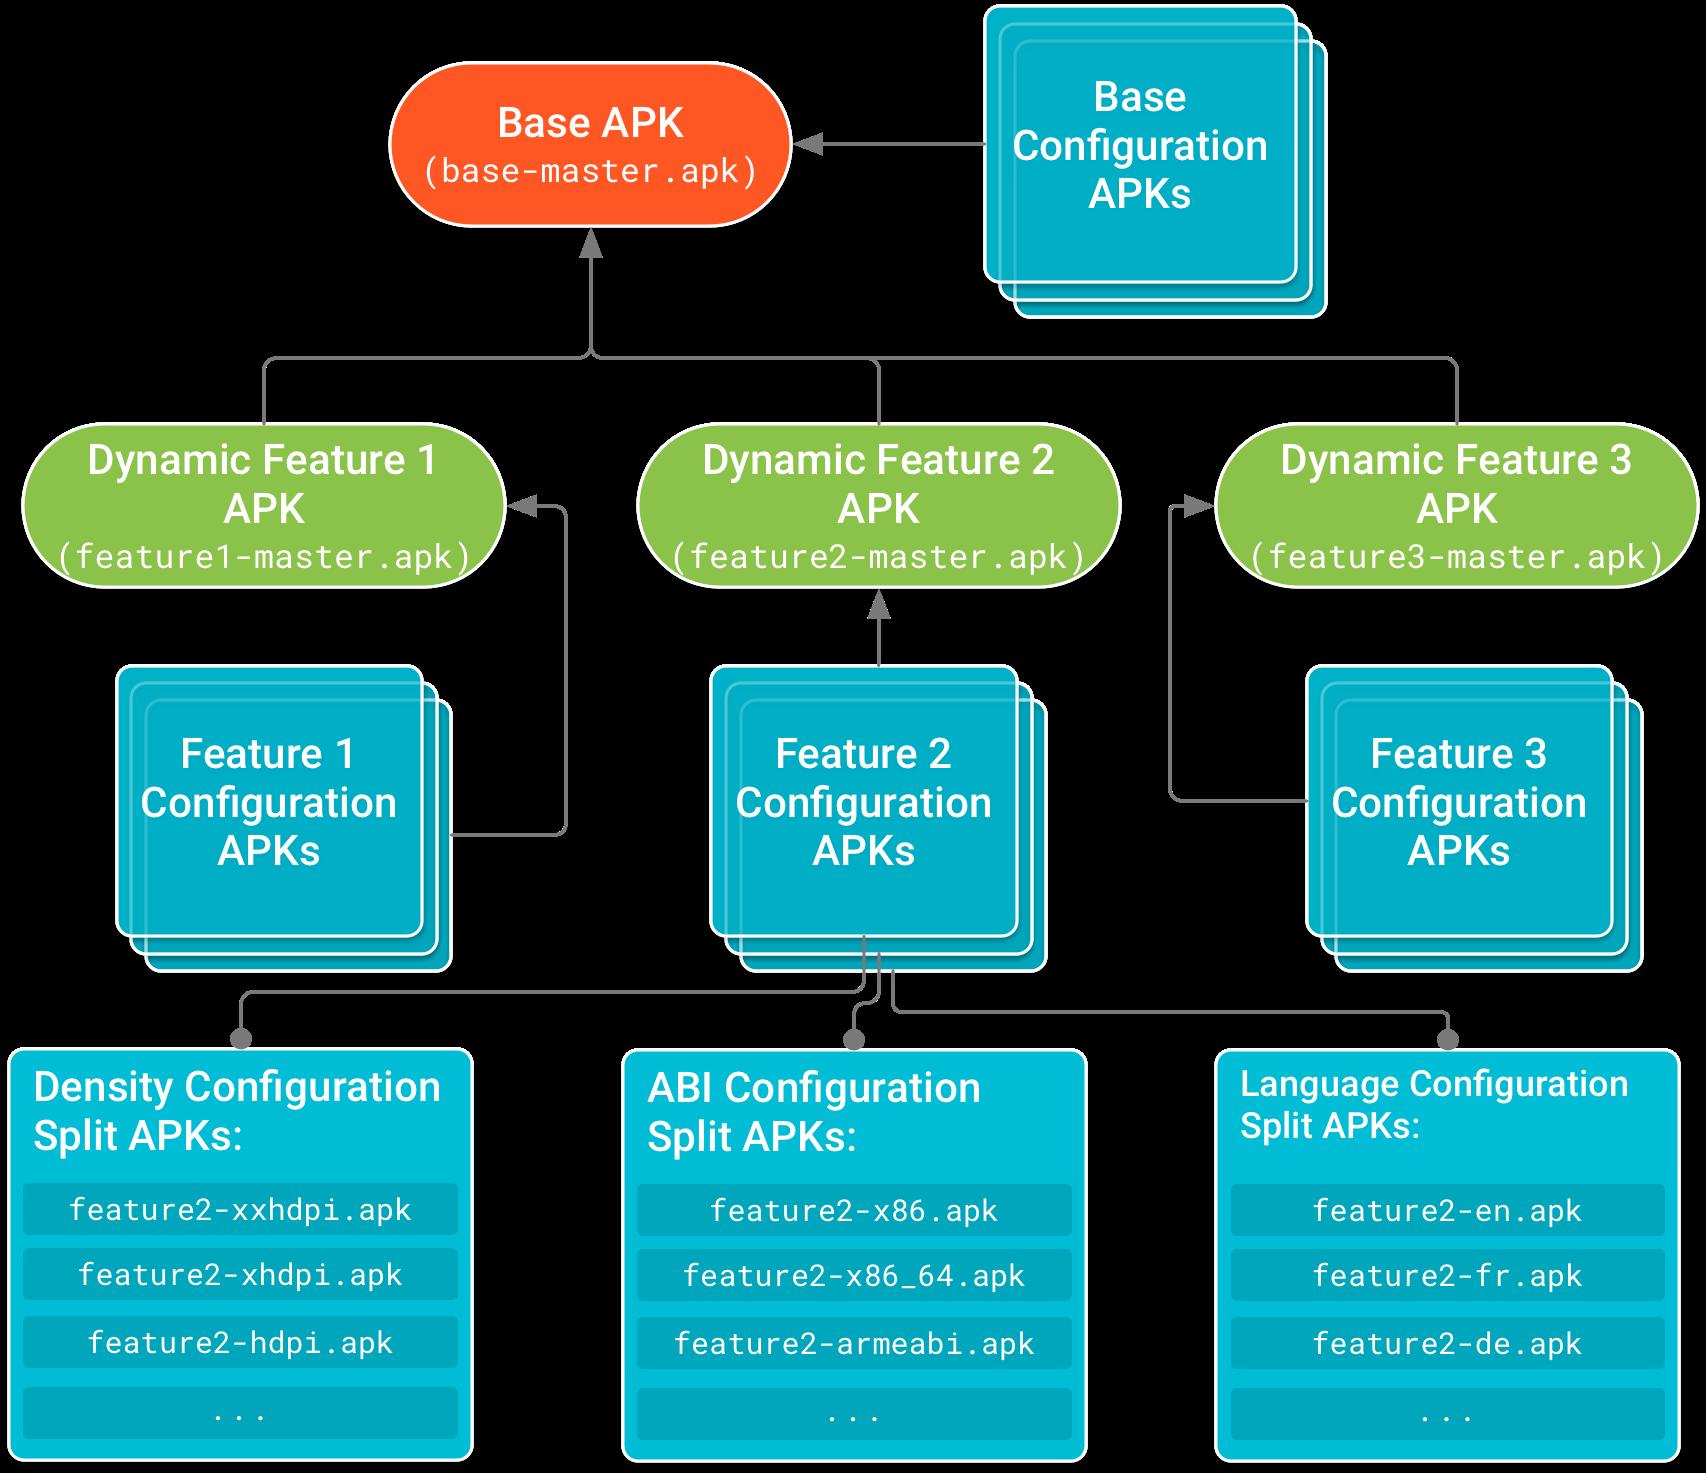 APK dasar berada di bagian atas hierarki dengan APK fitur dinamis yang memiliki dependensi padanya.APK Konfigurasi, yang menyertakan kode khusus konfigurasi perangkat dan resource untuk setiap APK fitur dinamis dan dasar, membentuk simpul daun dari hierarki dependensi.